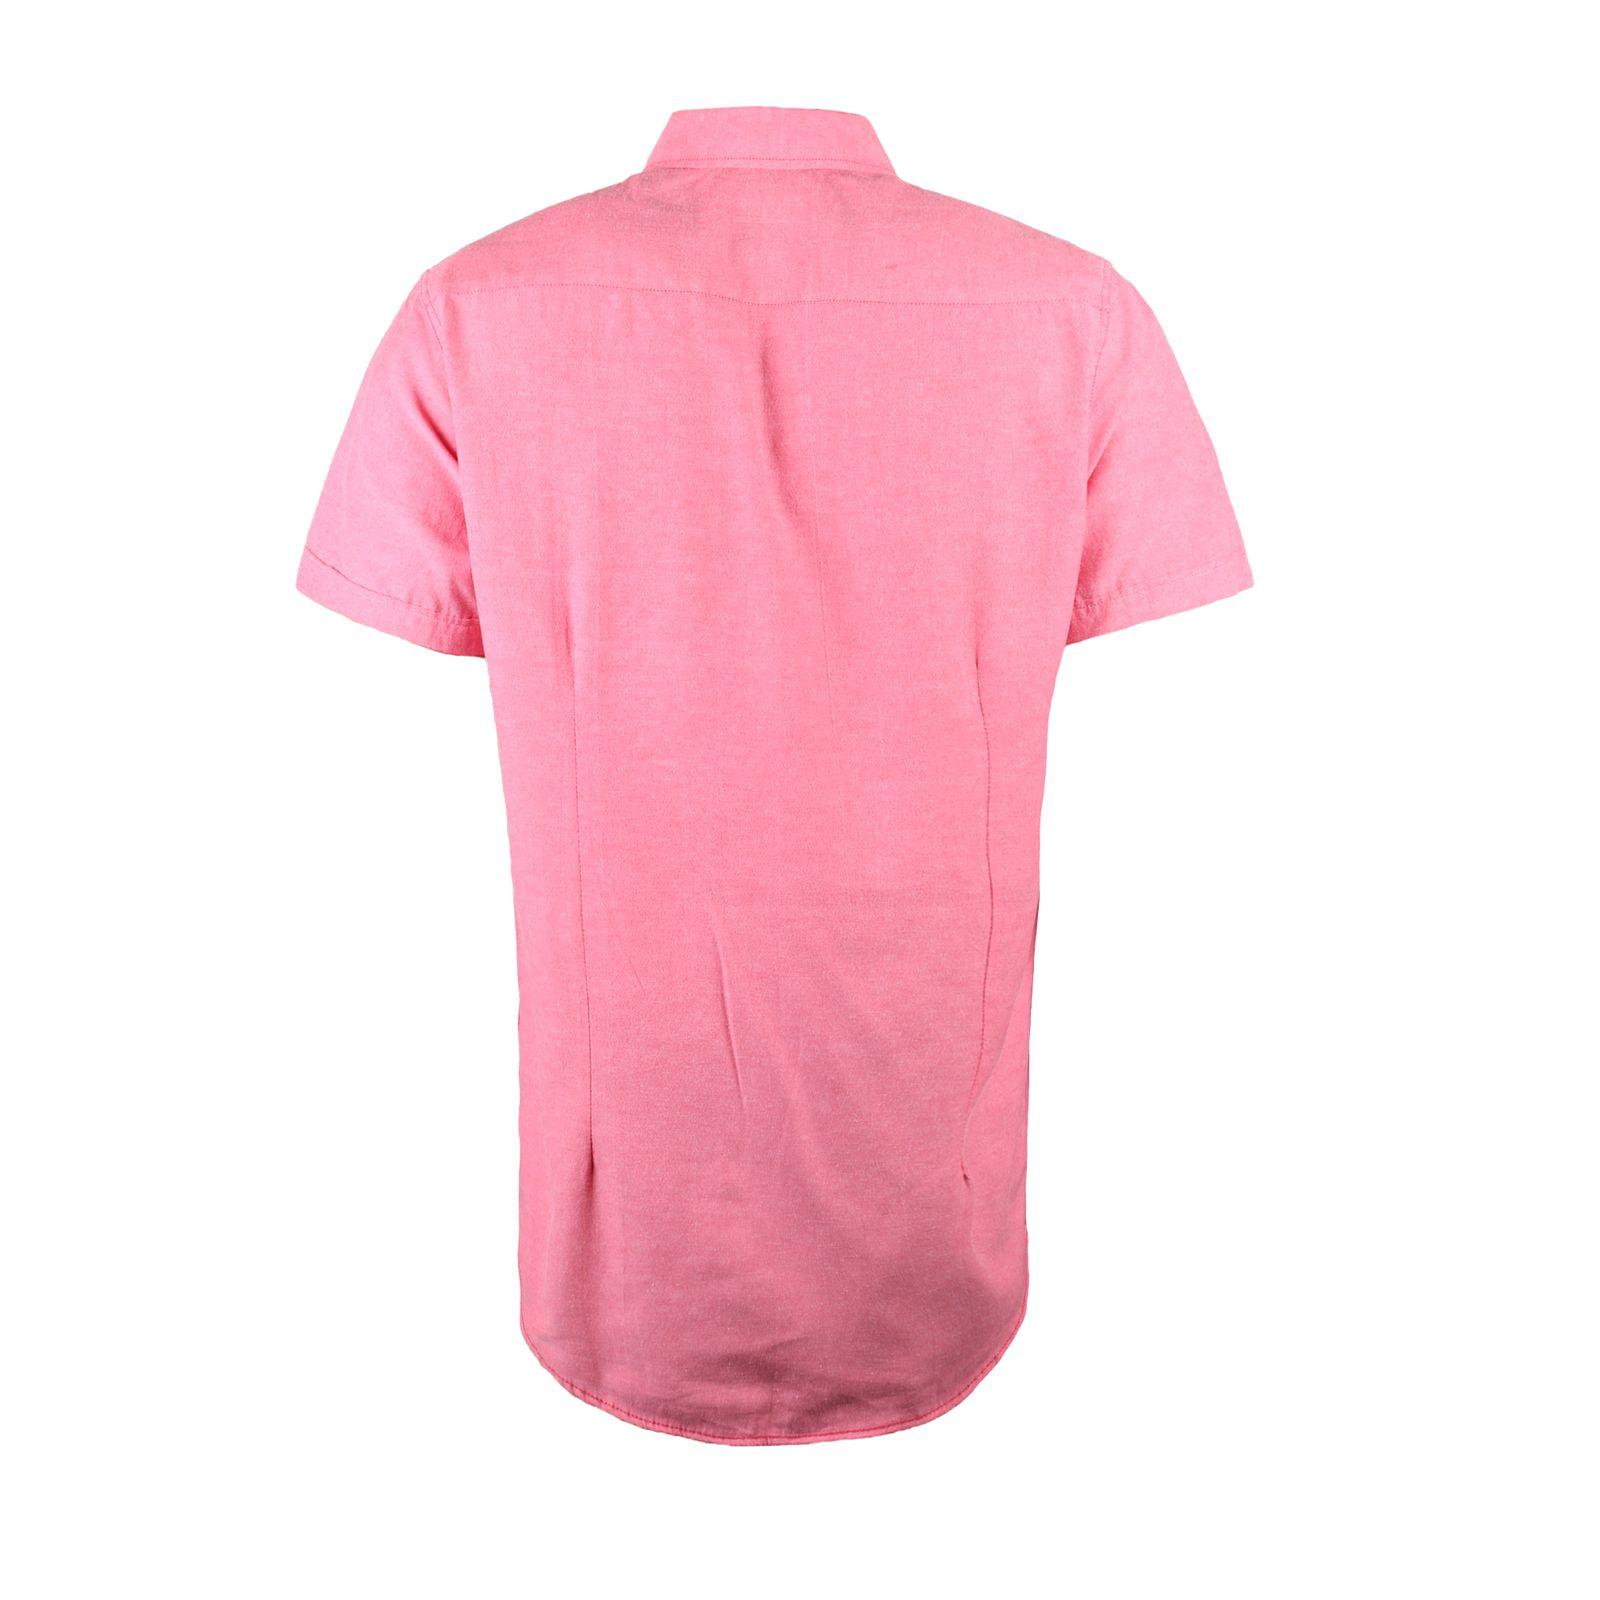 پیراهن مردانه کوک تریکو مدل 61726 -  - 3